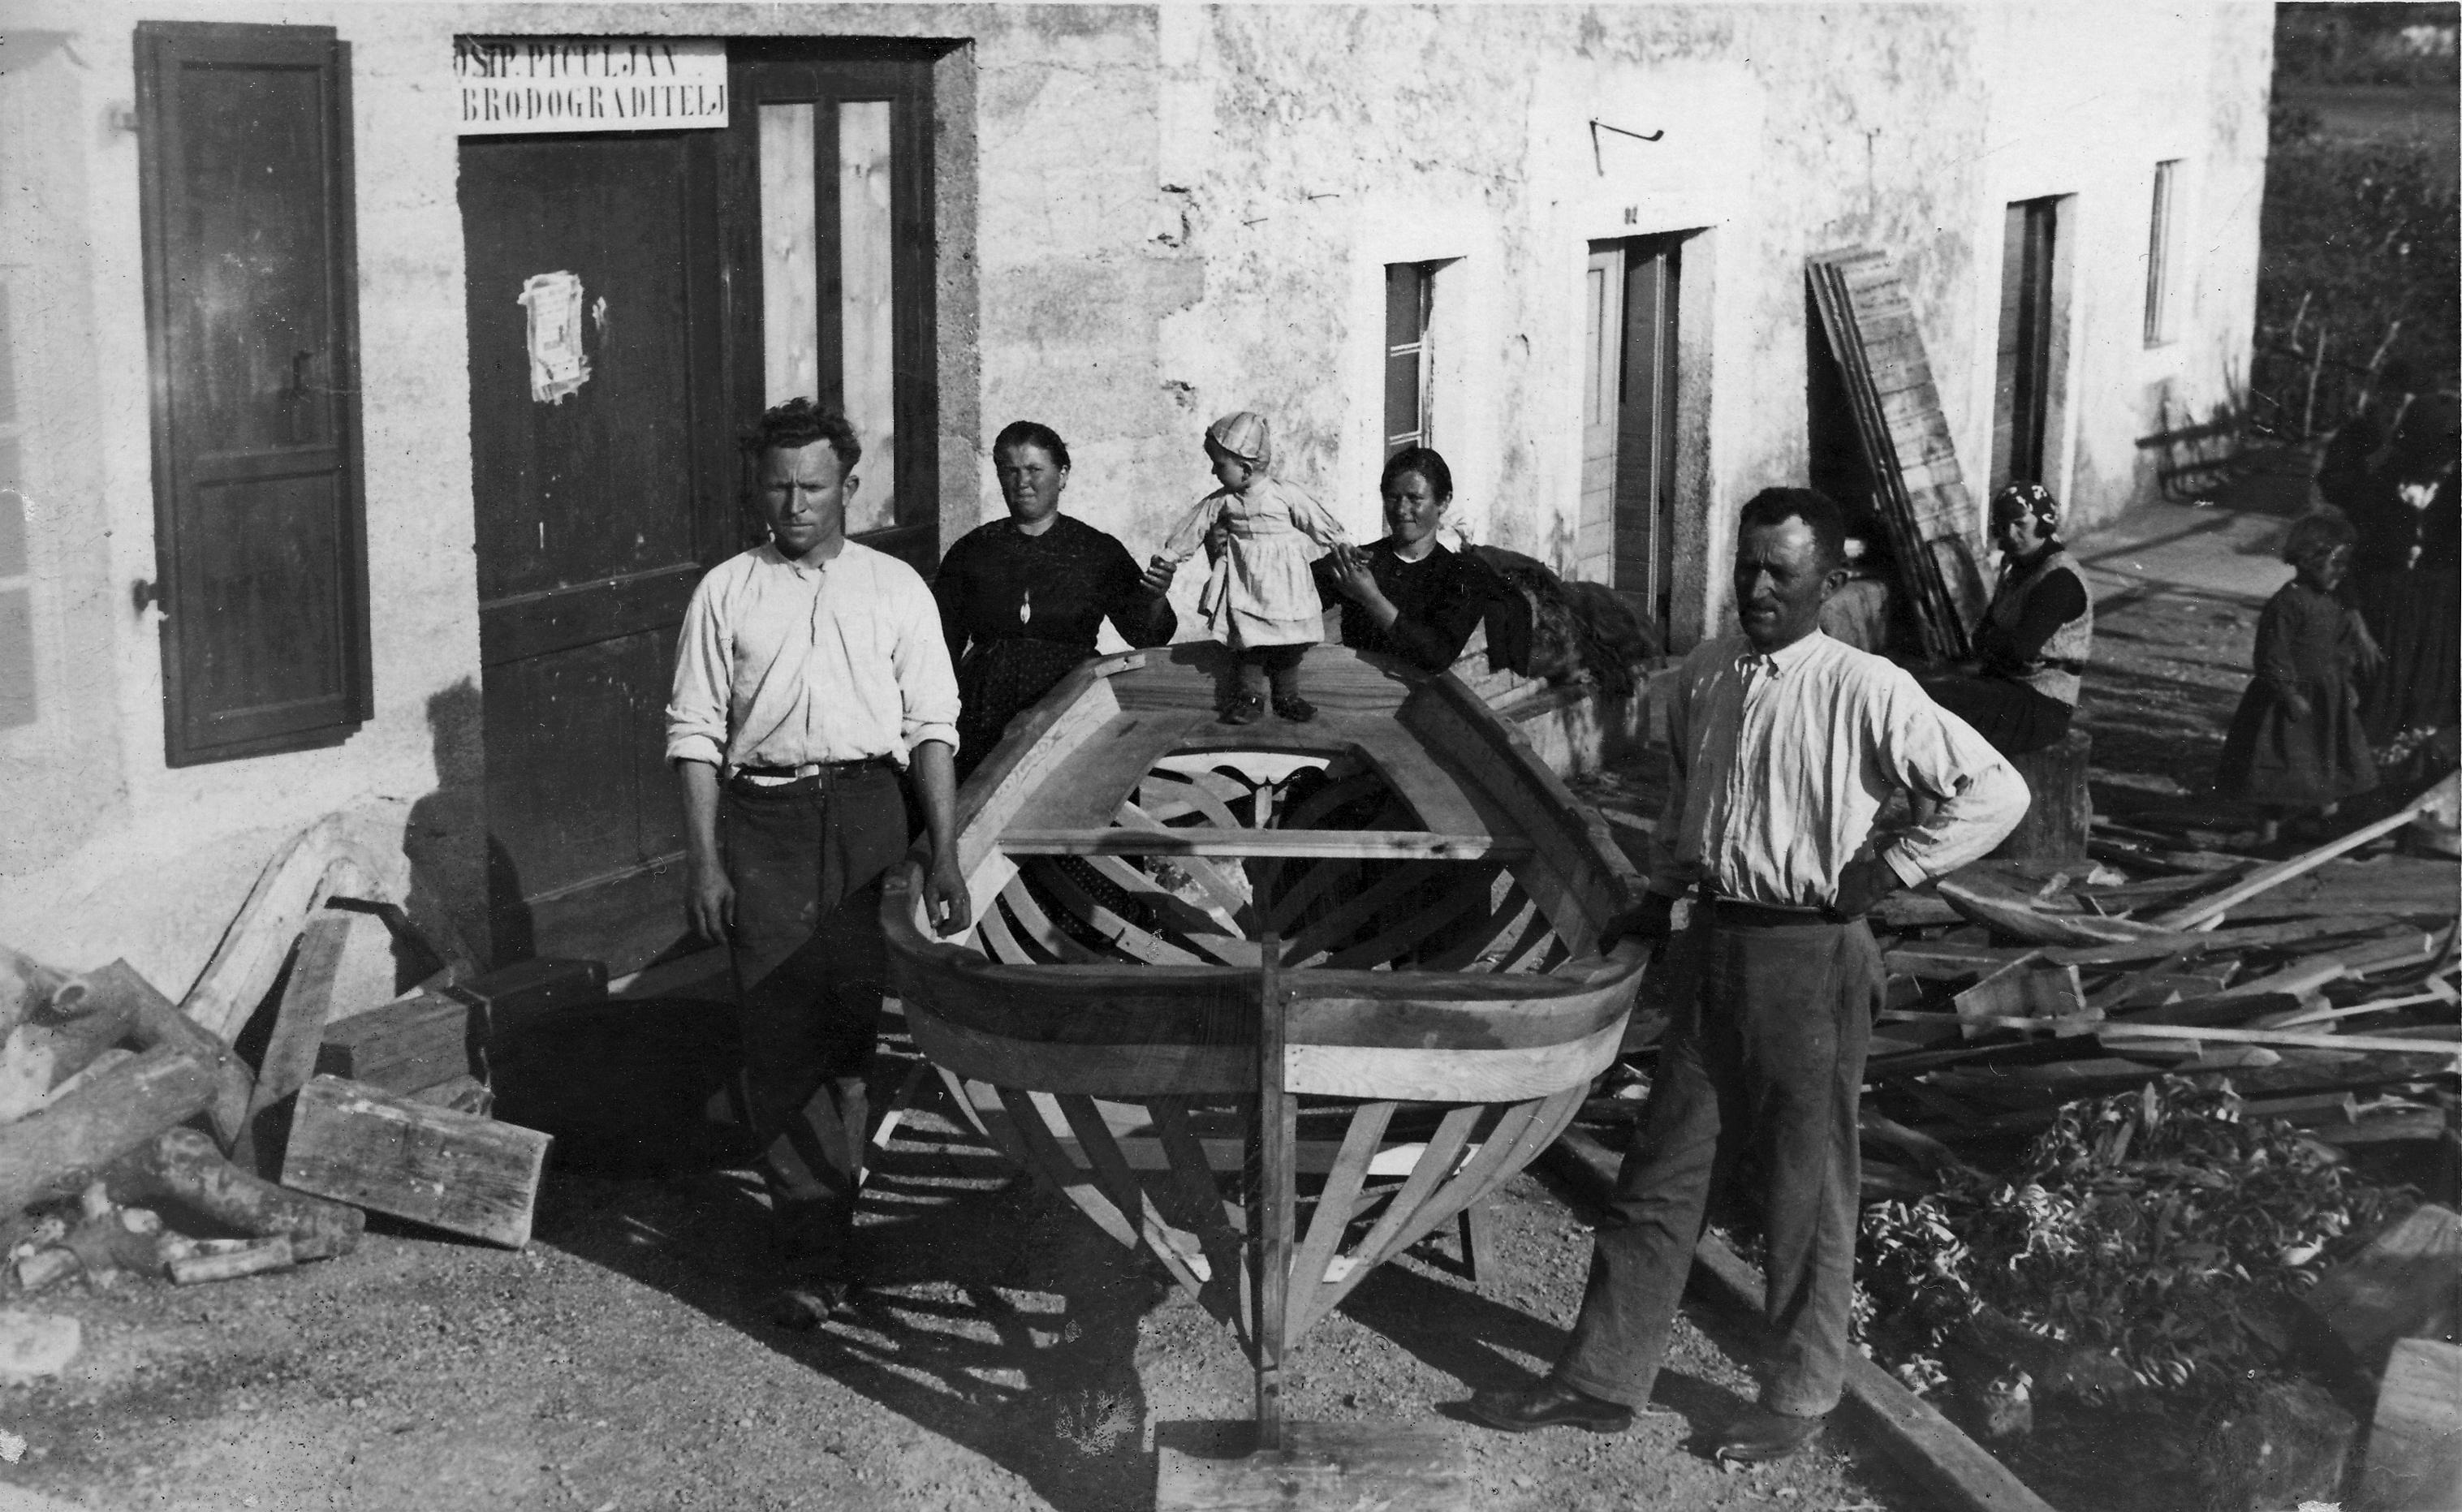 Povijesna fotografija - Anton Pičuljan (lijevo) s bratom Josipom kod radionice na Kaštelu u Barbatu  / Foto PRIVATNI ARHIV